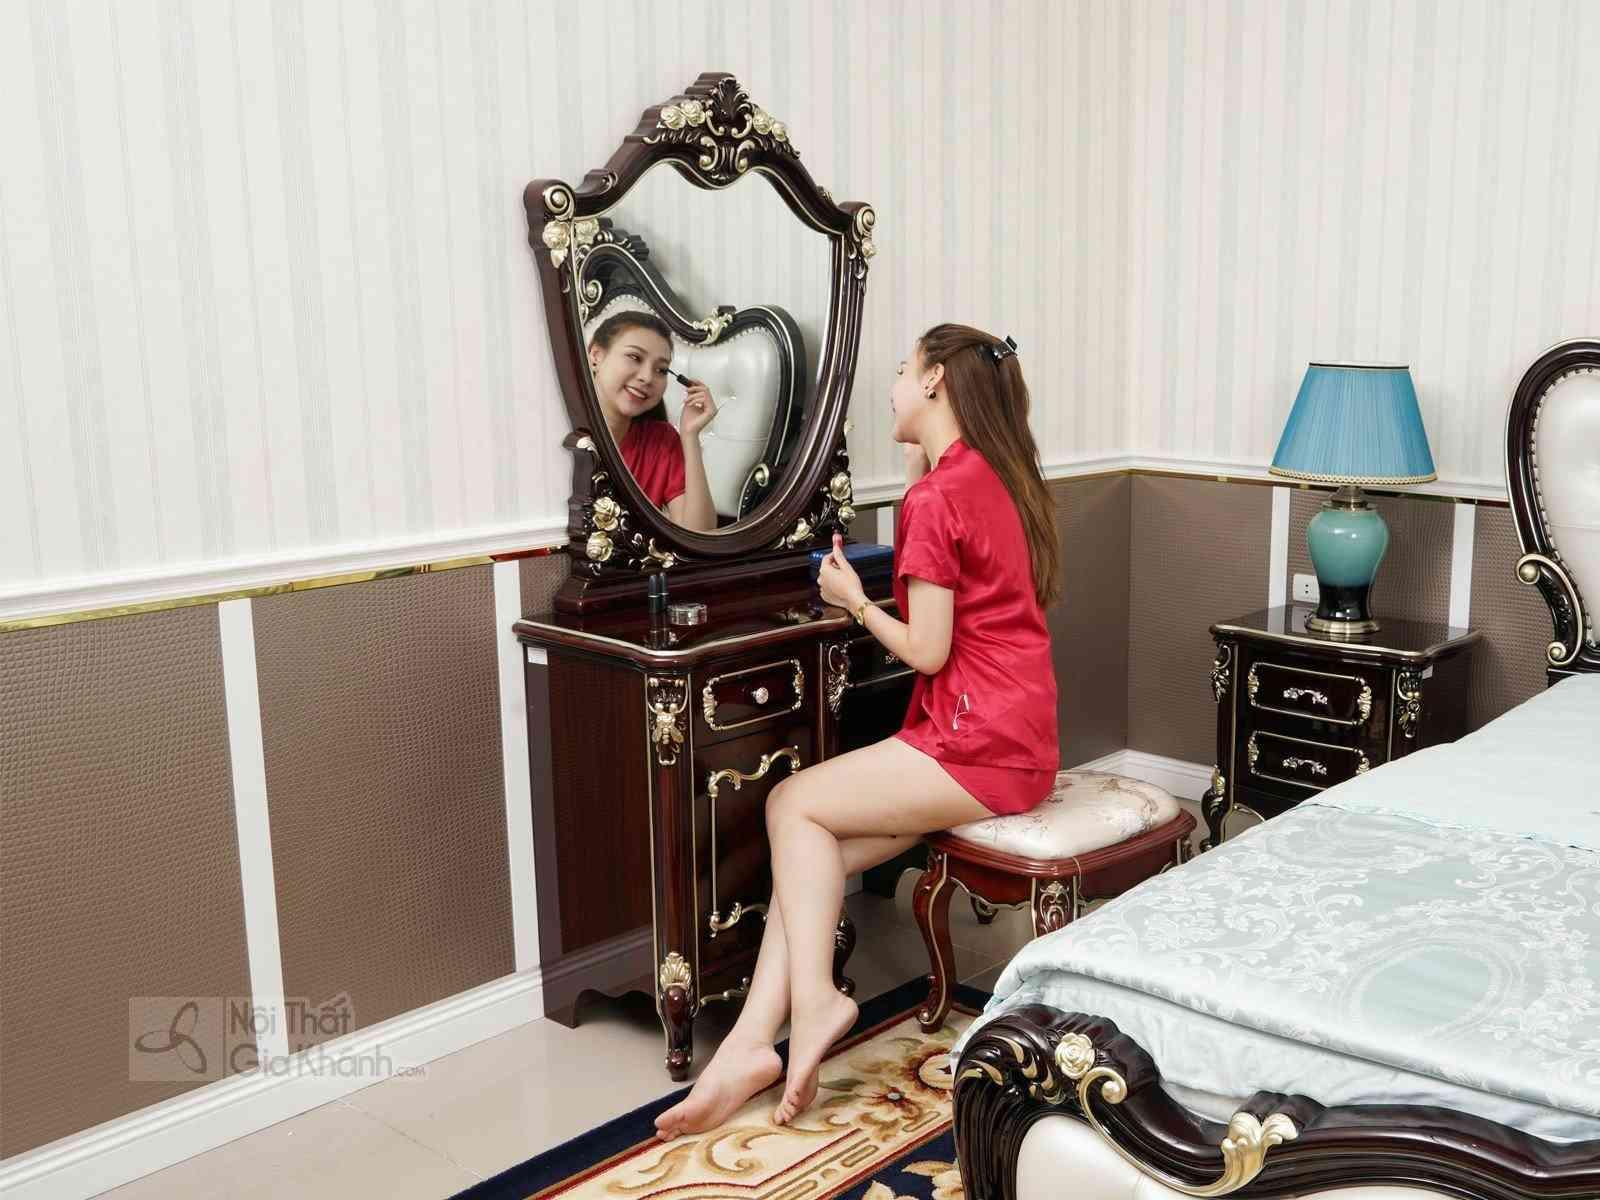 Bộ Phòng Ngủ Tân Cổ Điển Gồm Giường Ngủ Và Bàn Phấn BN8801G